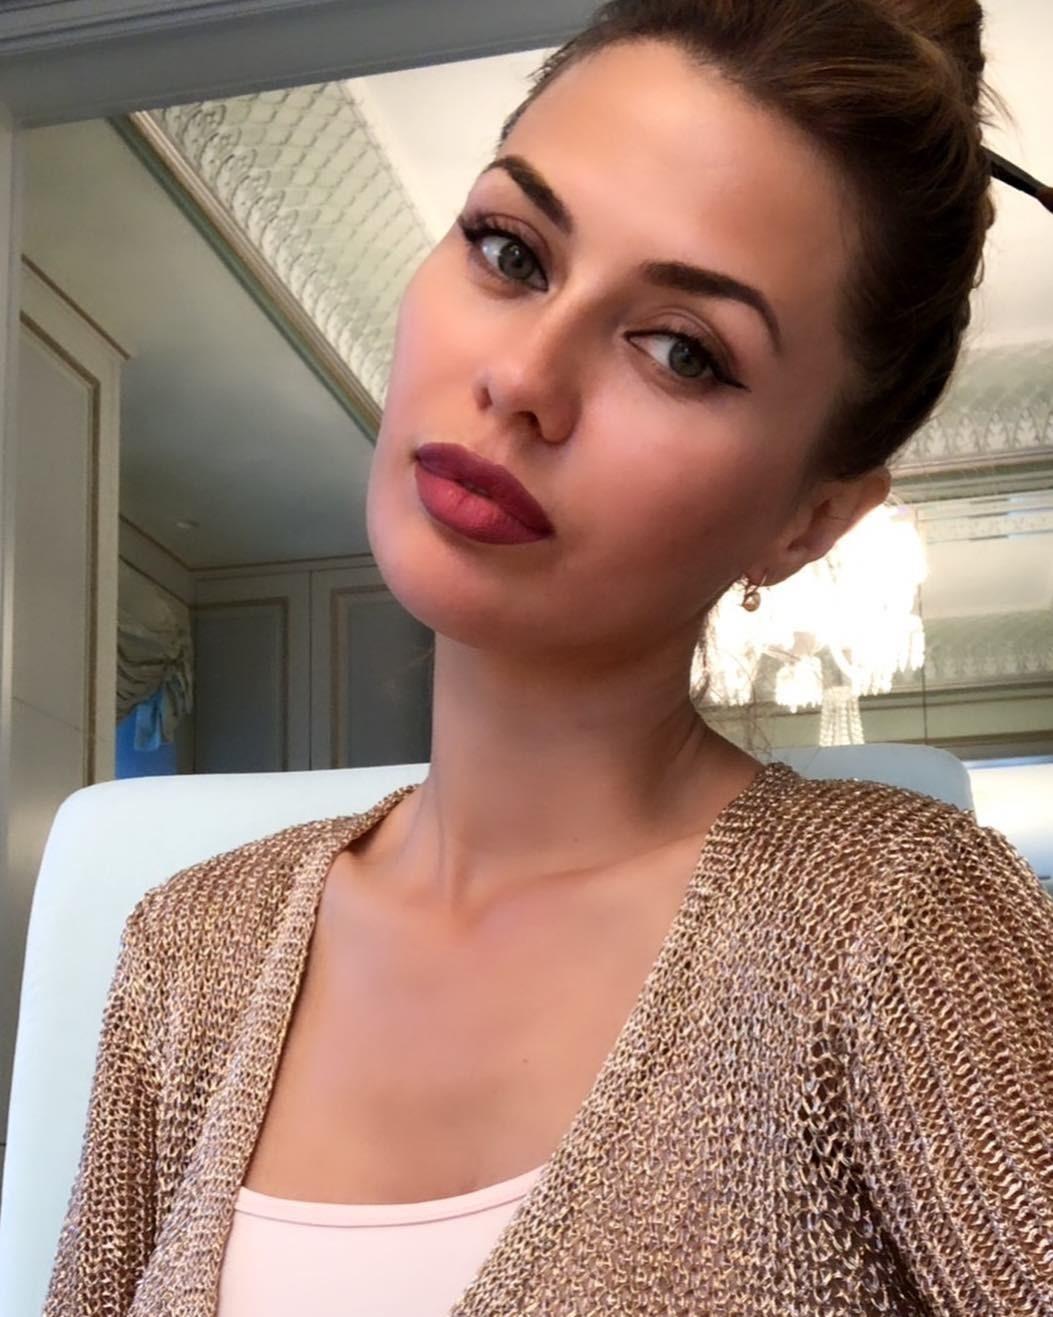 Телеведущая Виктория Боня настолько любит краситься, что недавно даже завела собственные Instagram и YouTube аккаунты, в которых делится секретами своей красоты. Любимой палетки или оттен...